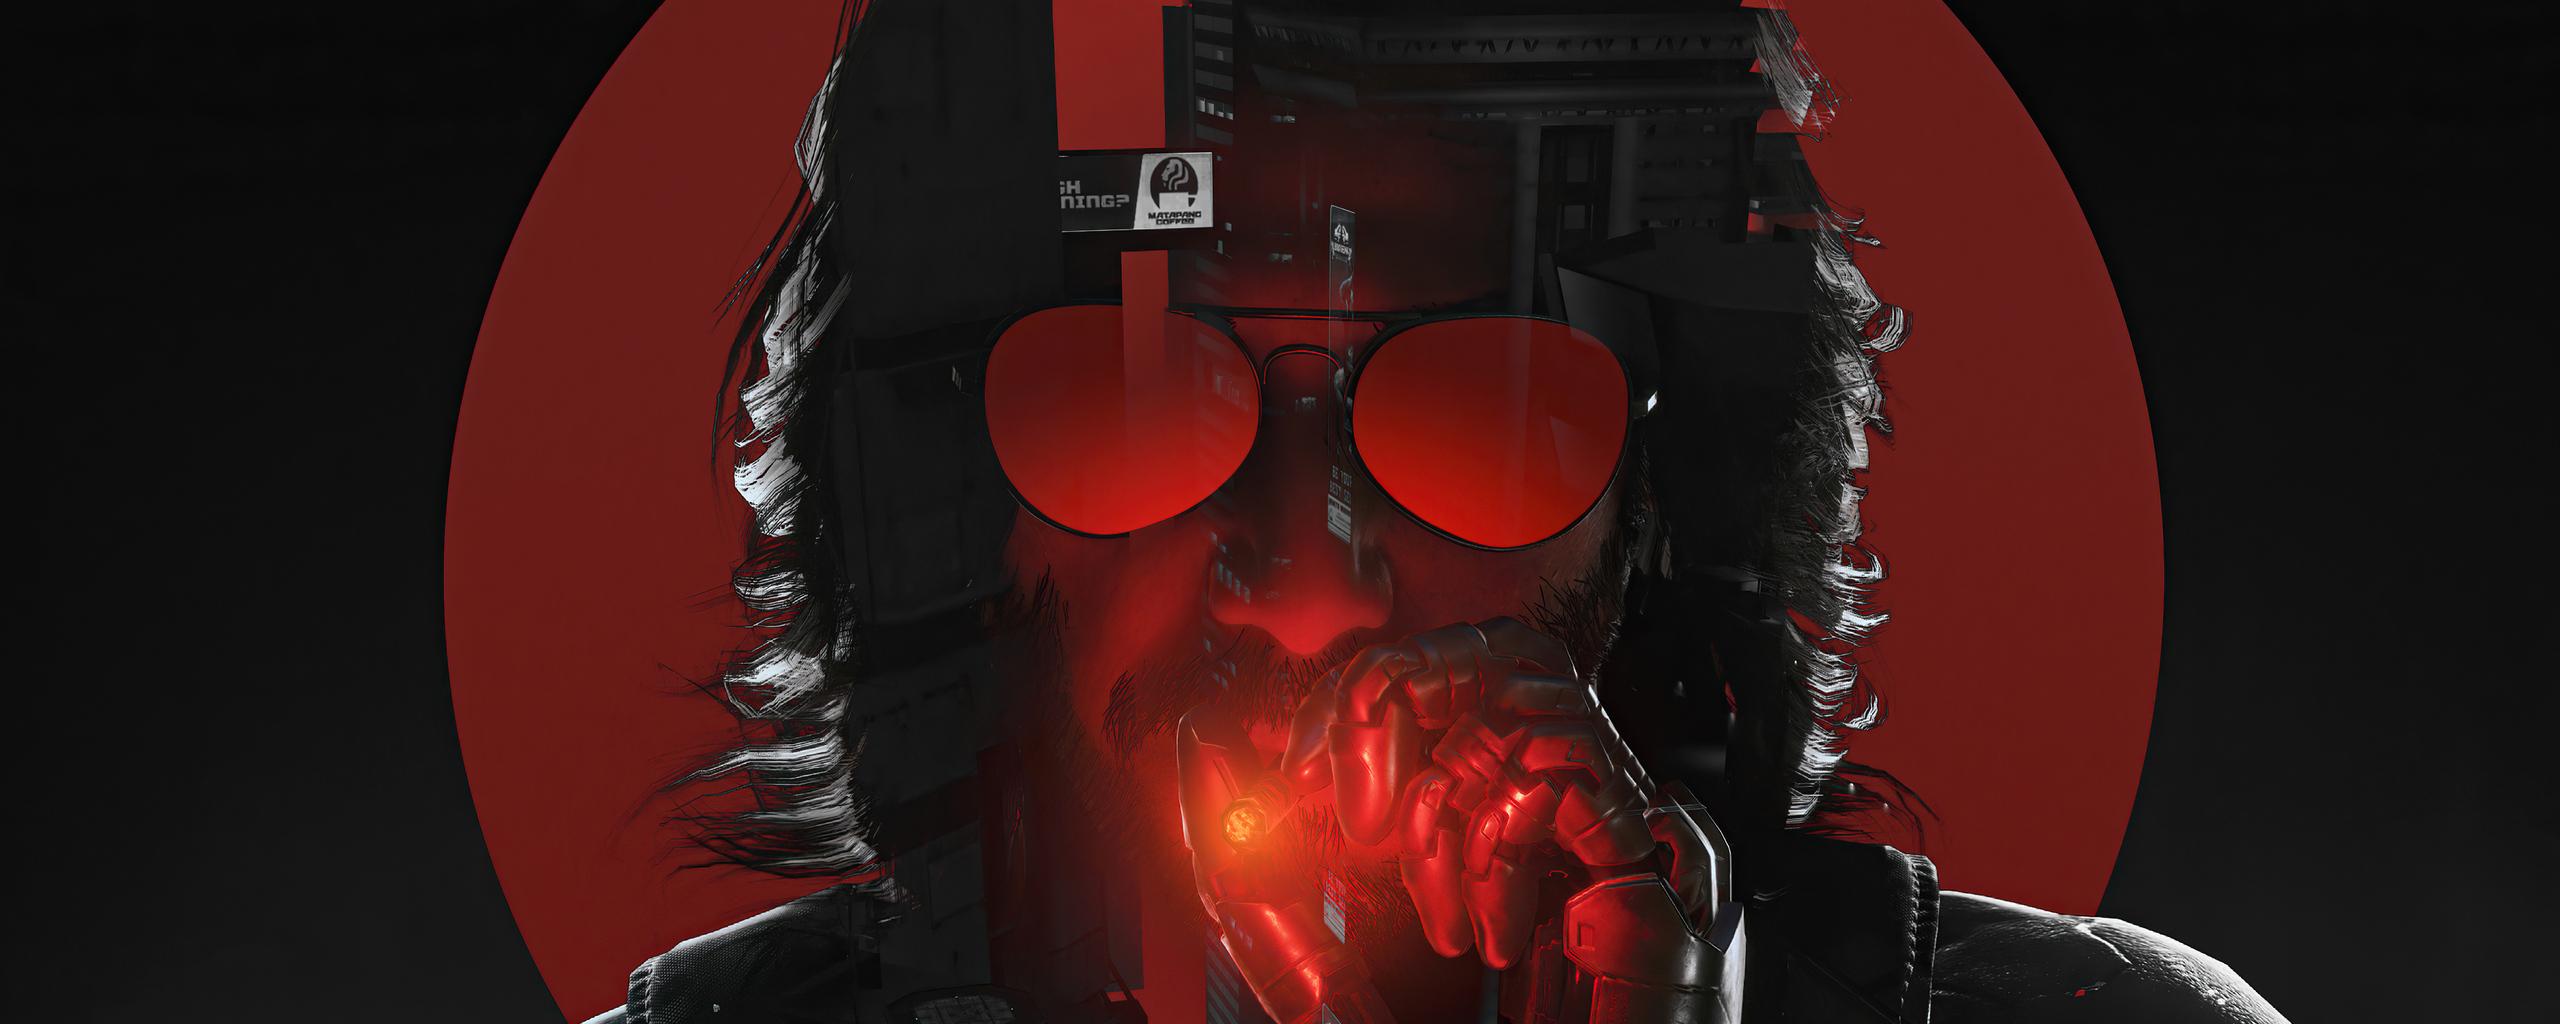 rockerboy-johnny-cyberpunk-2077-5k-jo.jpg